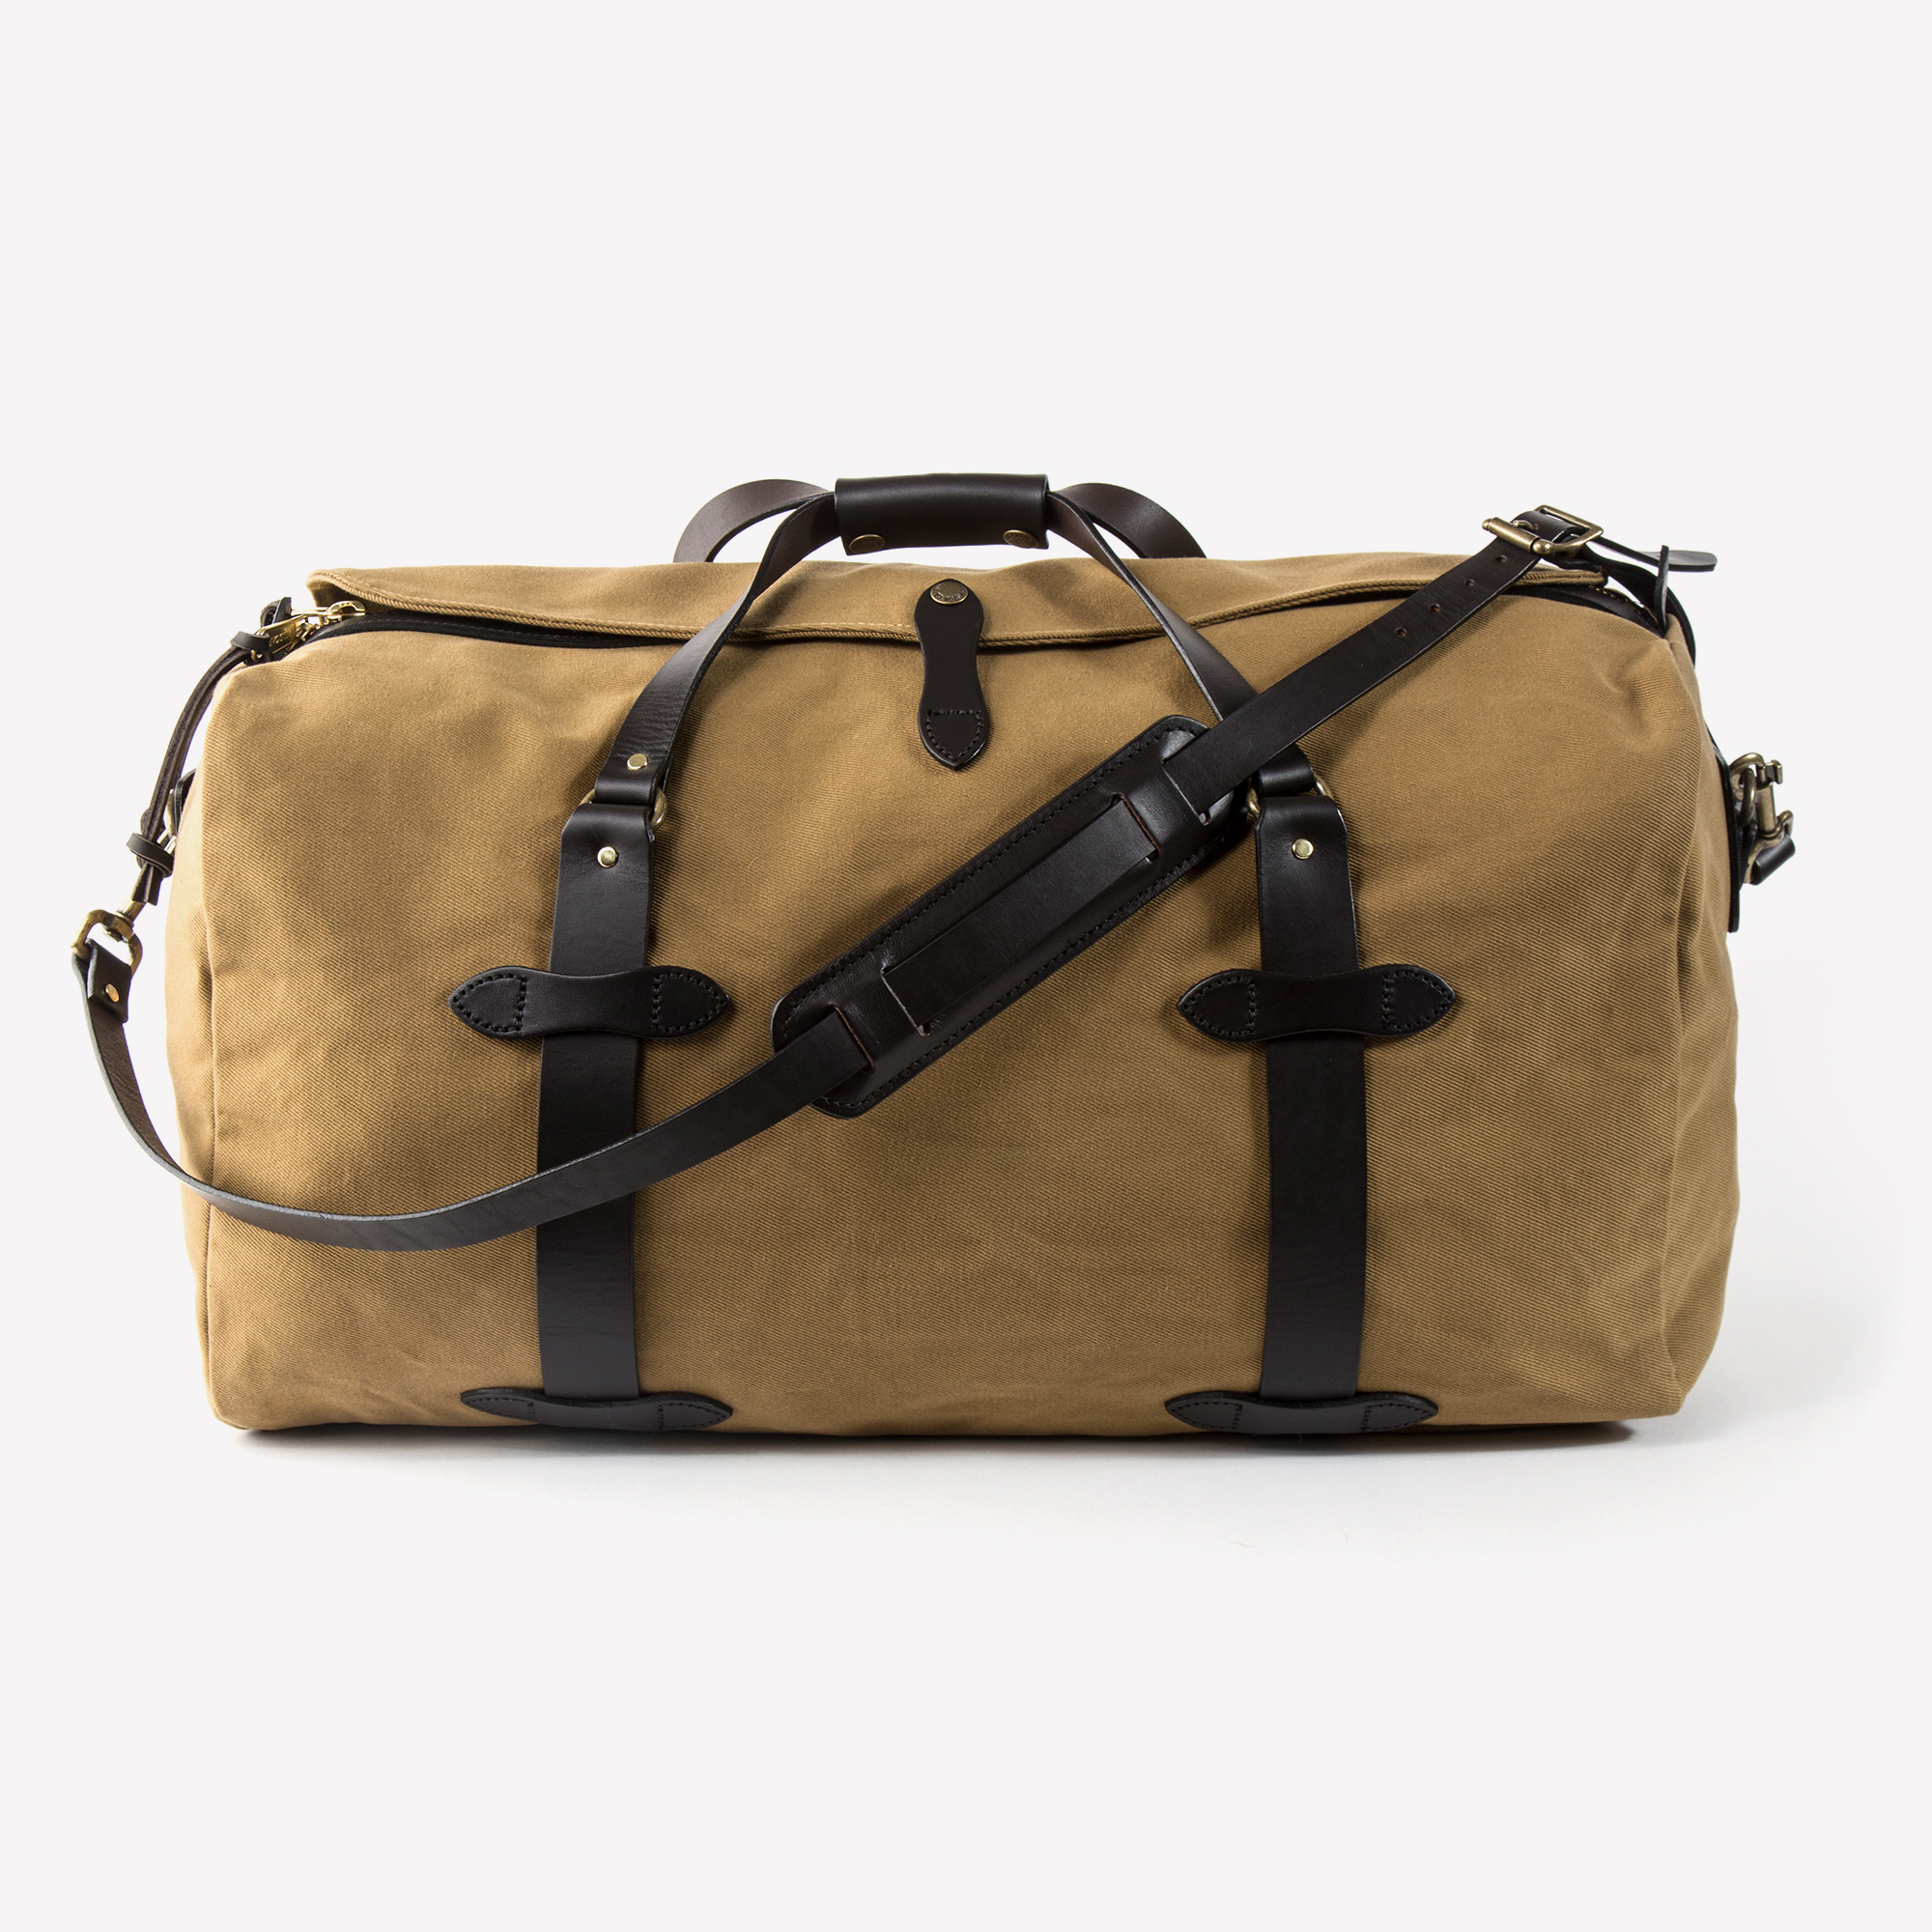 Medium Duffle Bag Tan